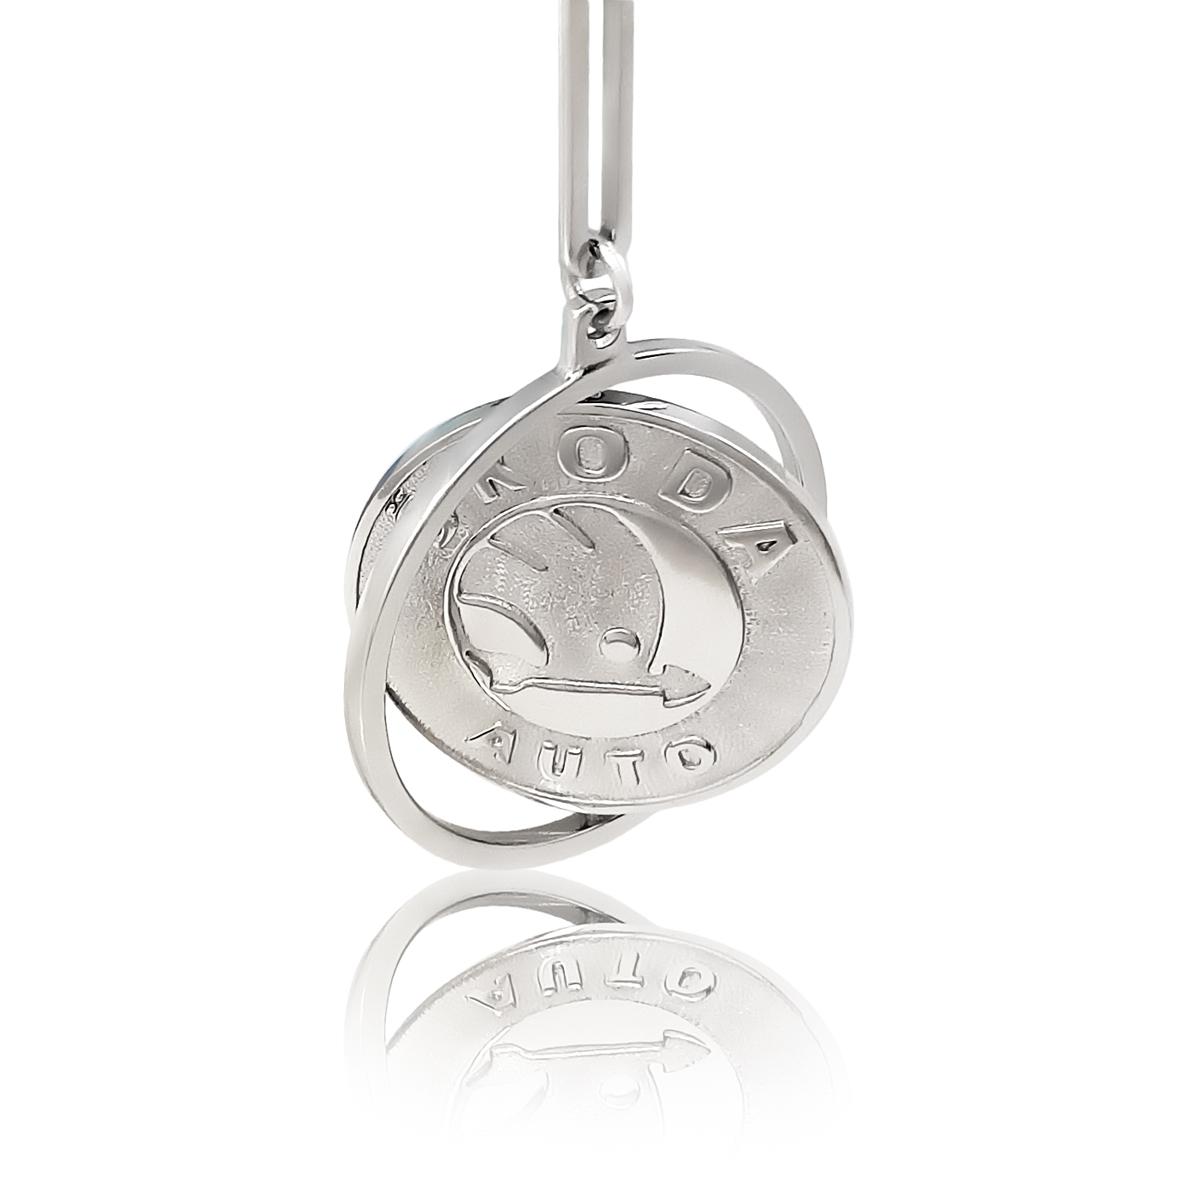 Срібний брелок з логотипом машини «Шкода»